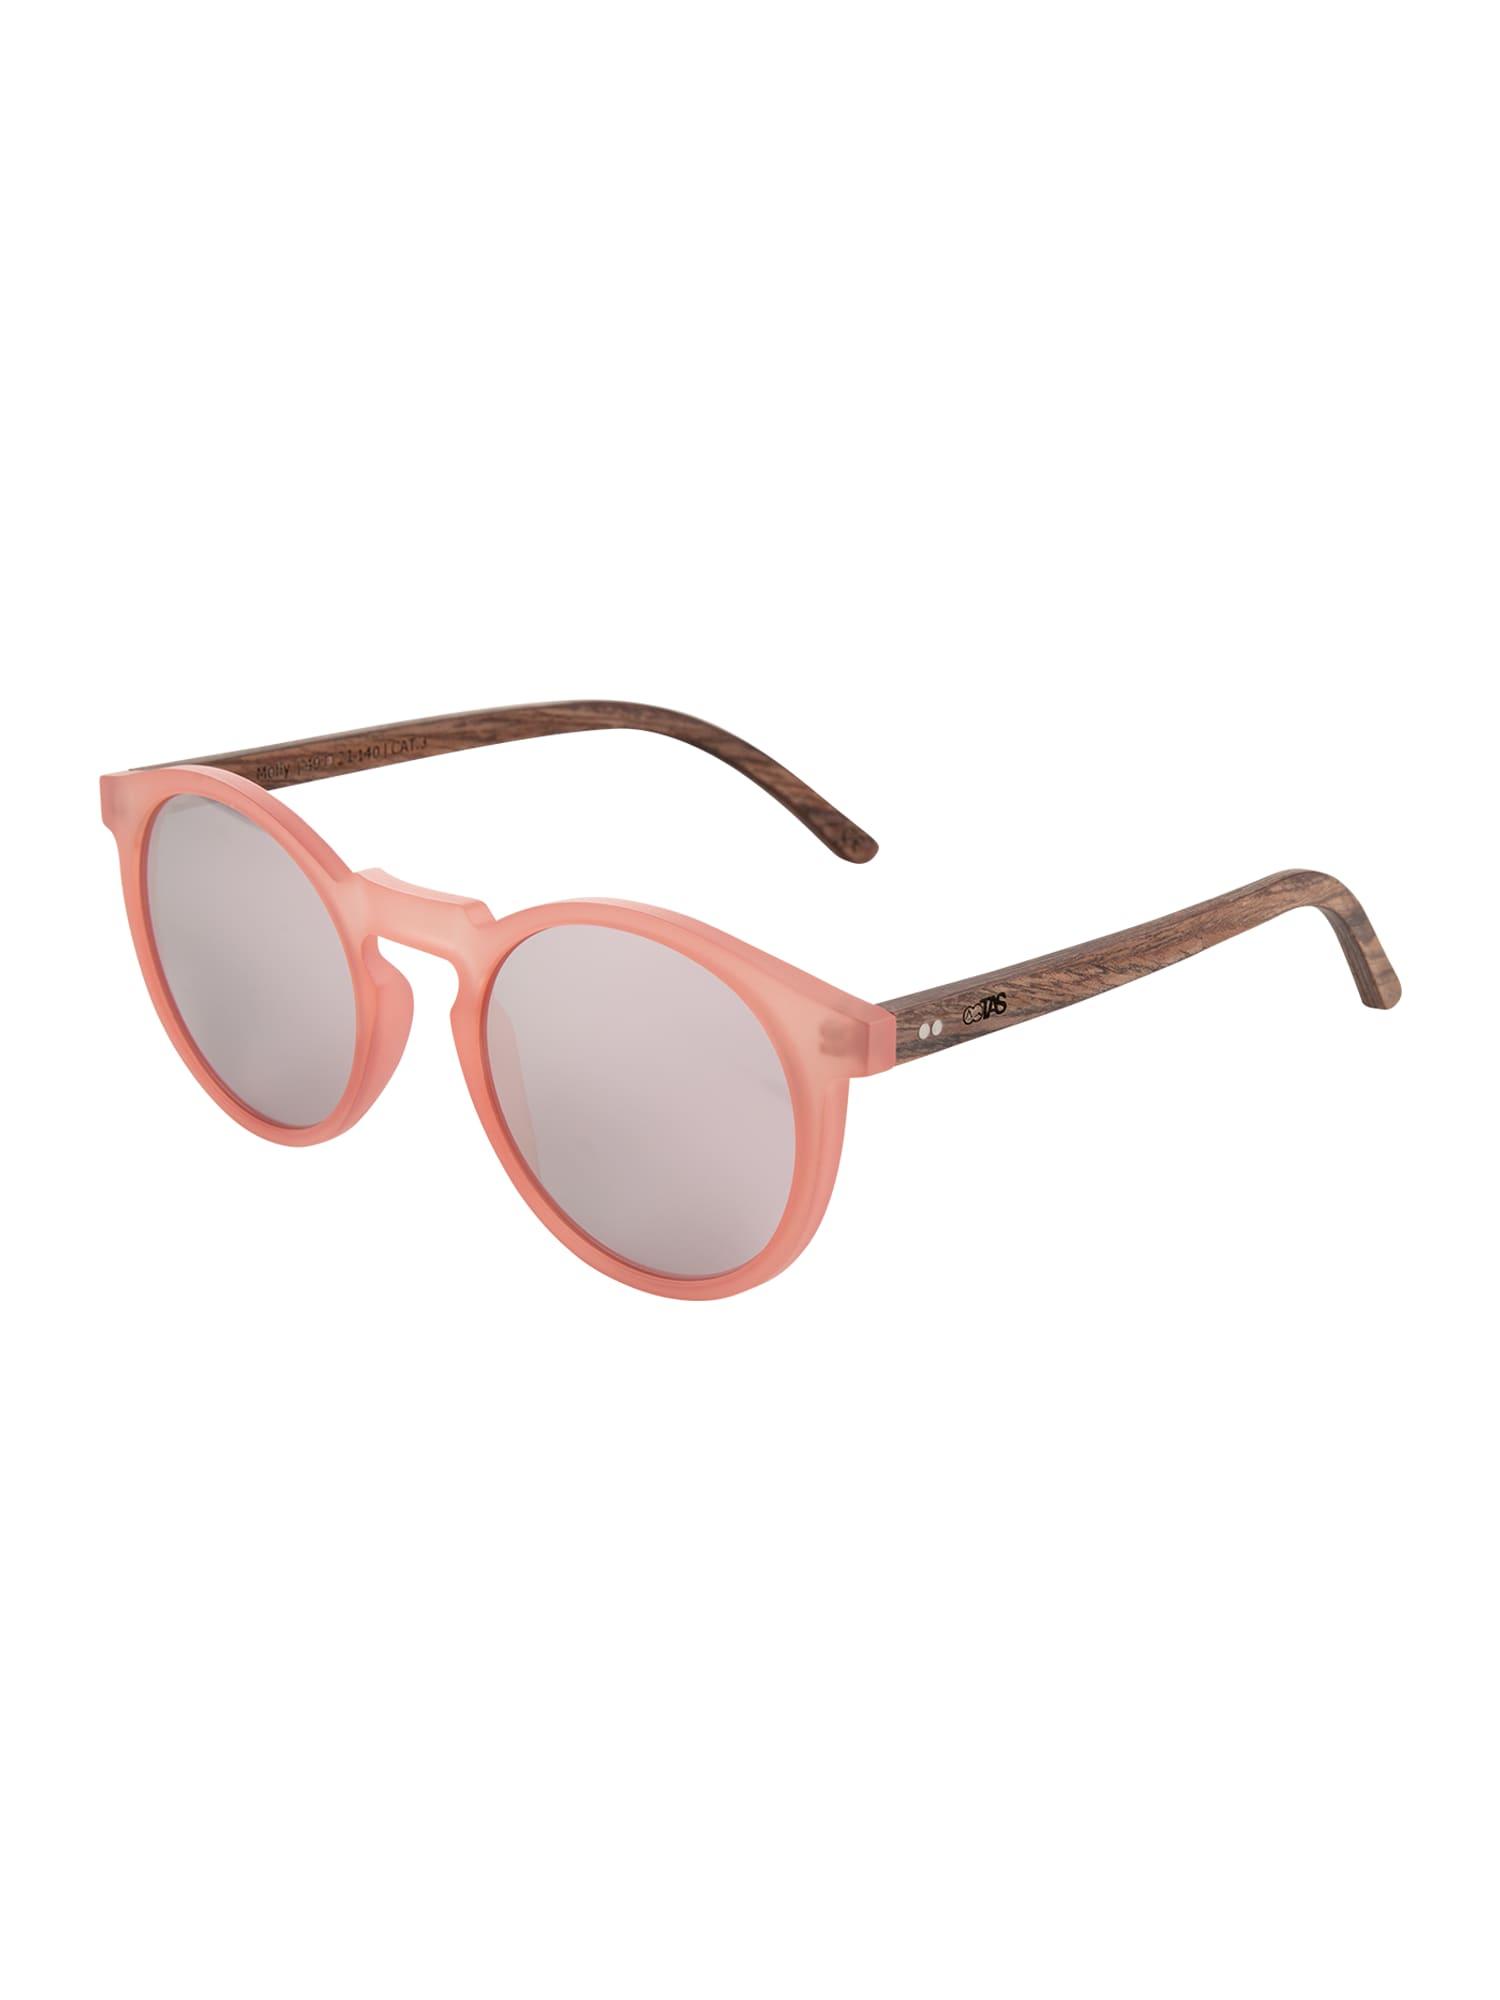 Sluneční brýle Mandala Collection hnědá růžová TAKE A SHOT